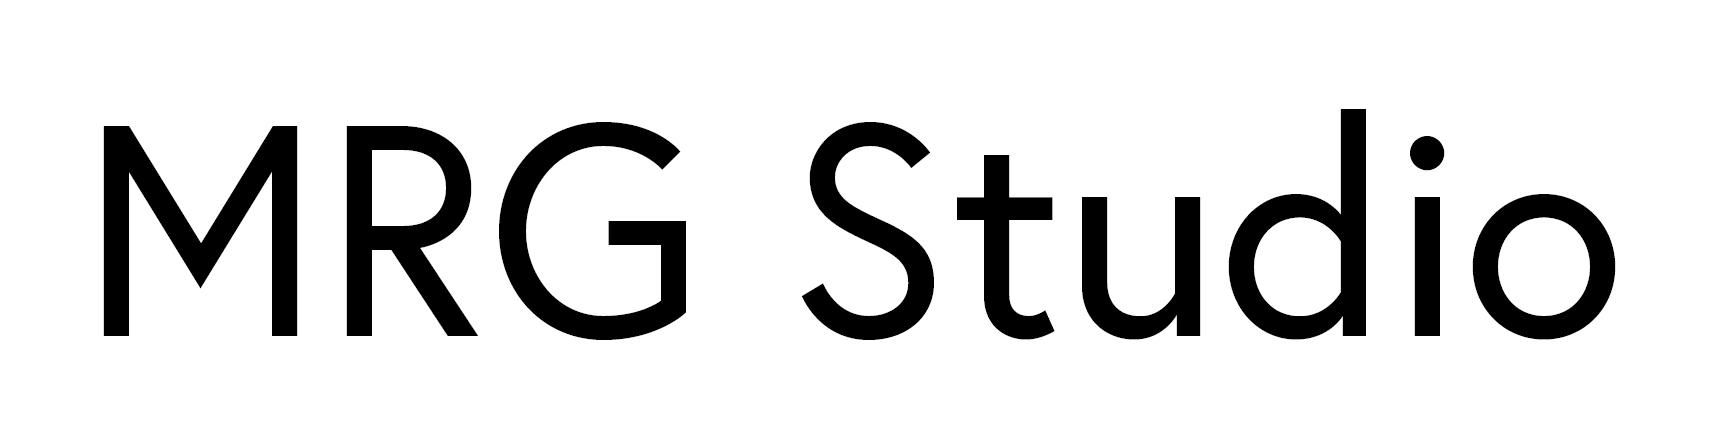 MRG Studio logo.jpg